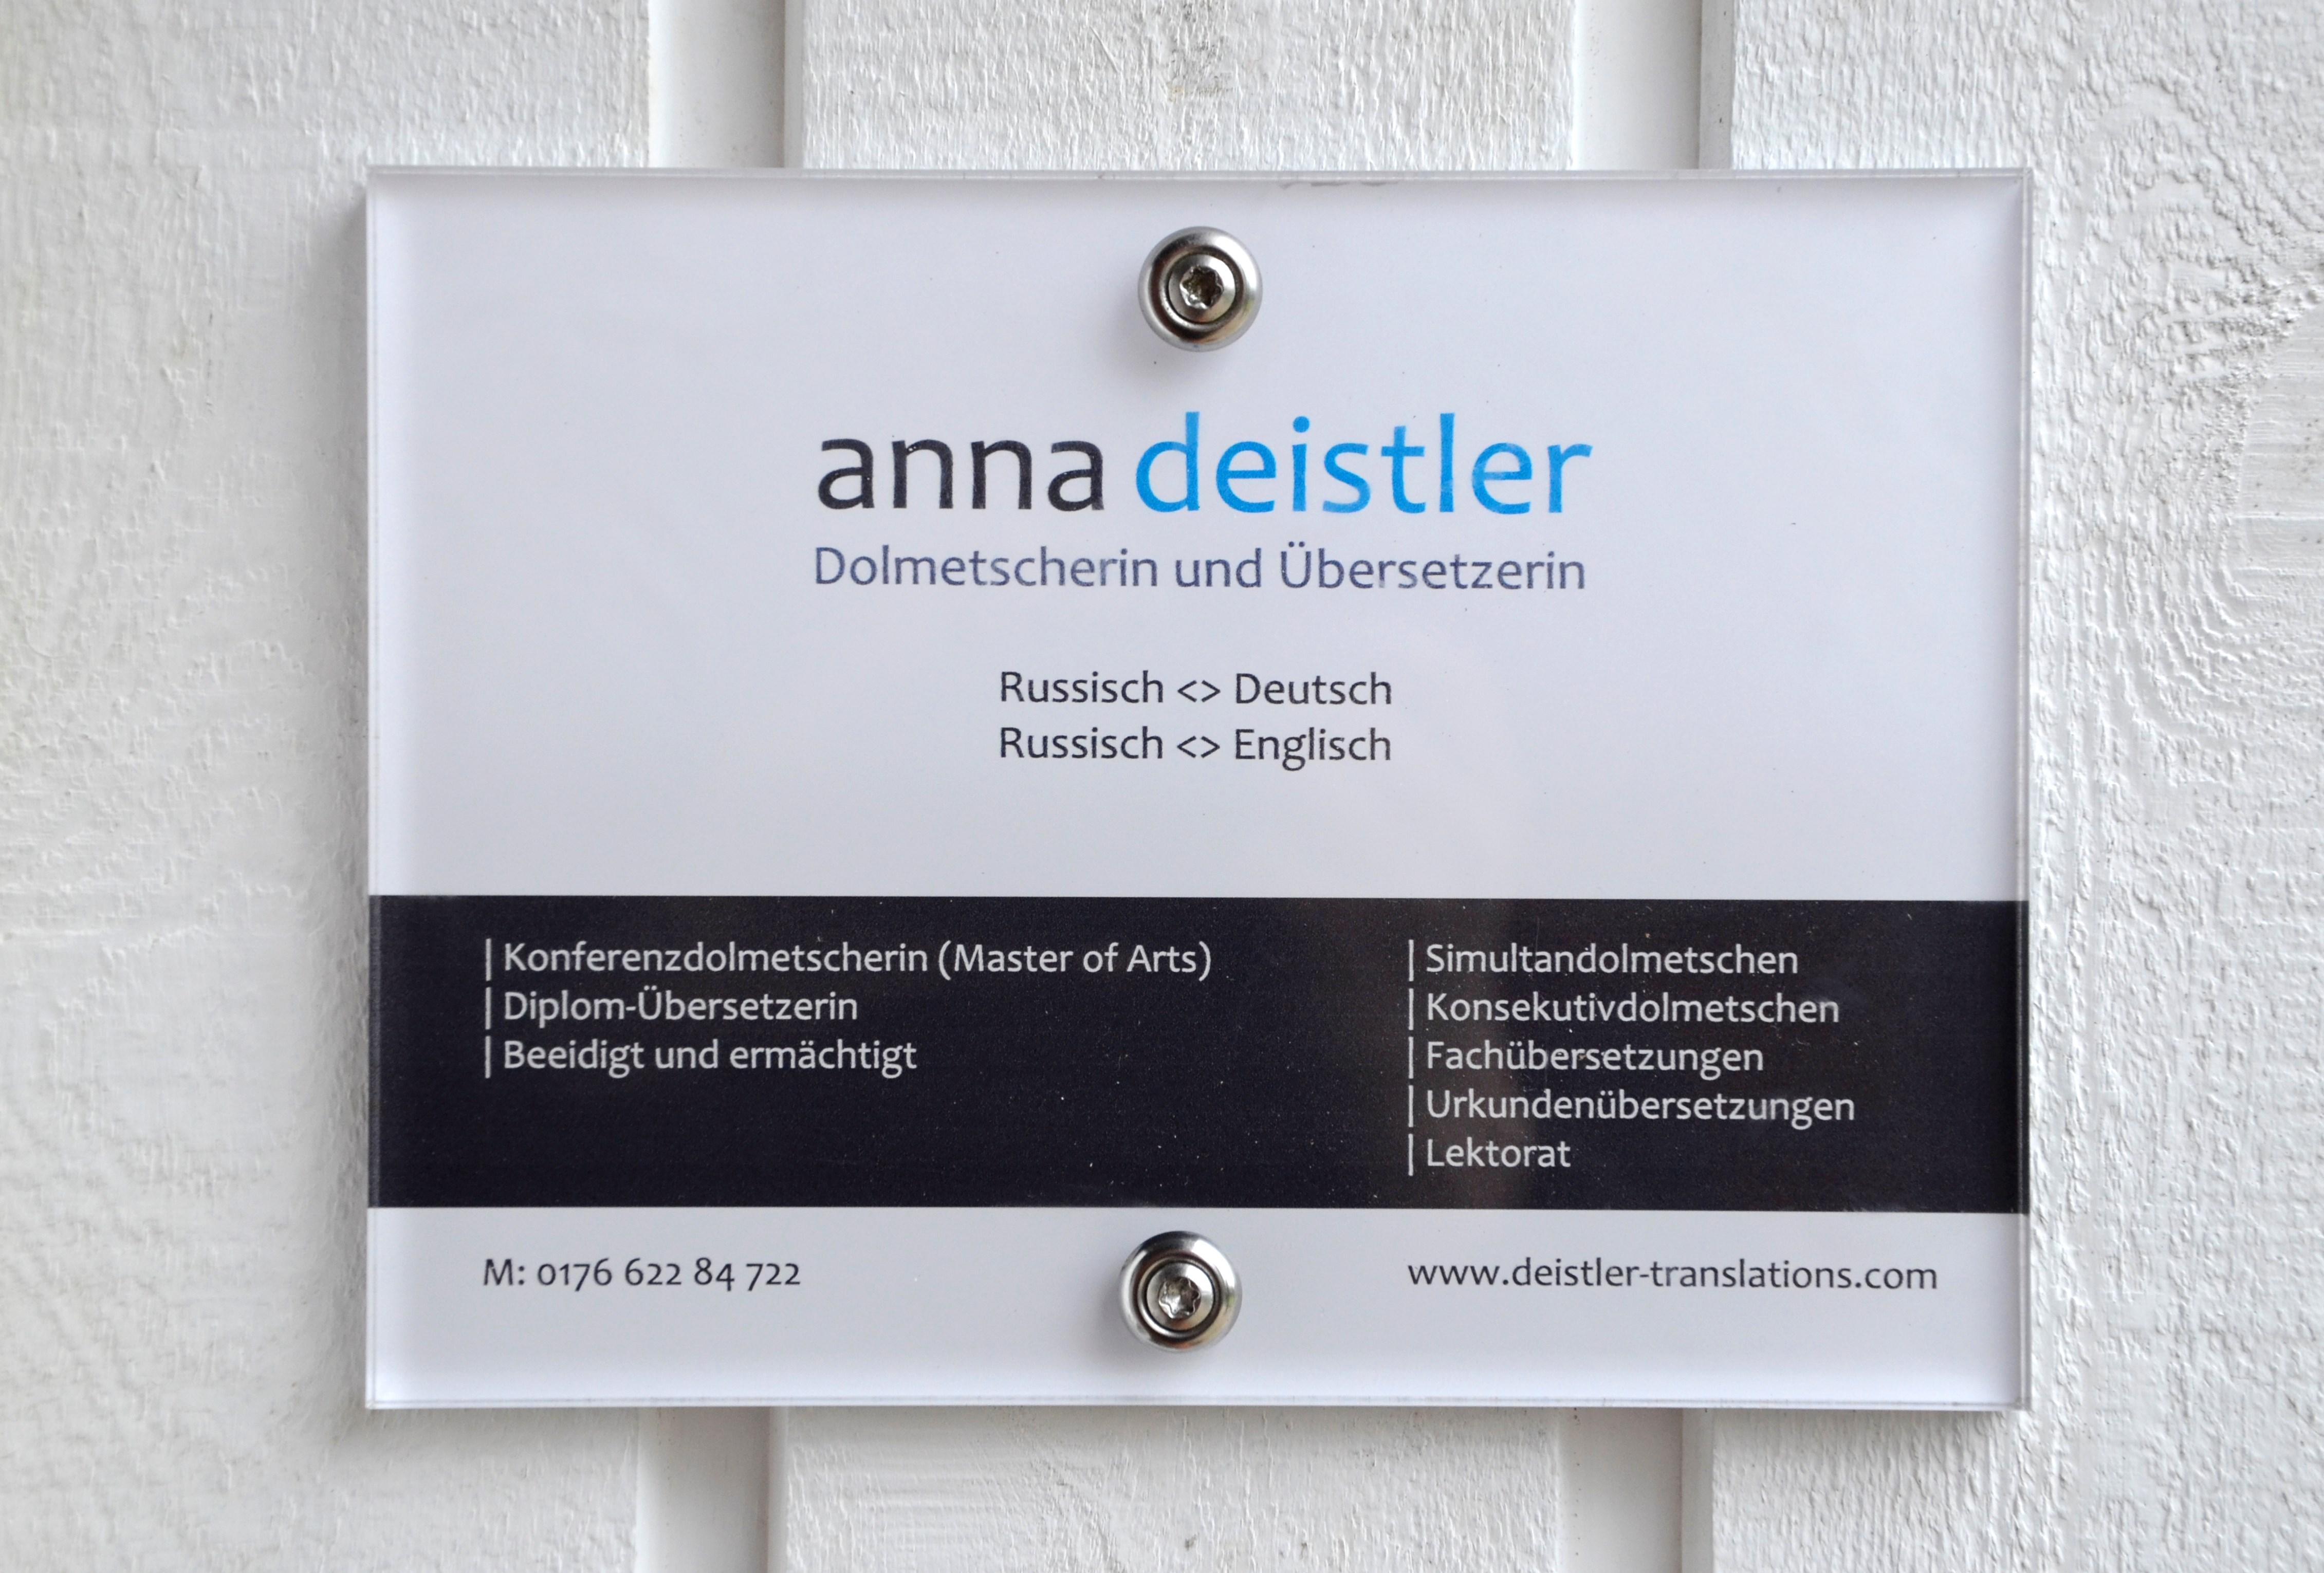 Anna Deistler | Dolmetscher und Übersetzer | Russisch, Deutsch ...